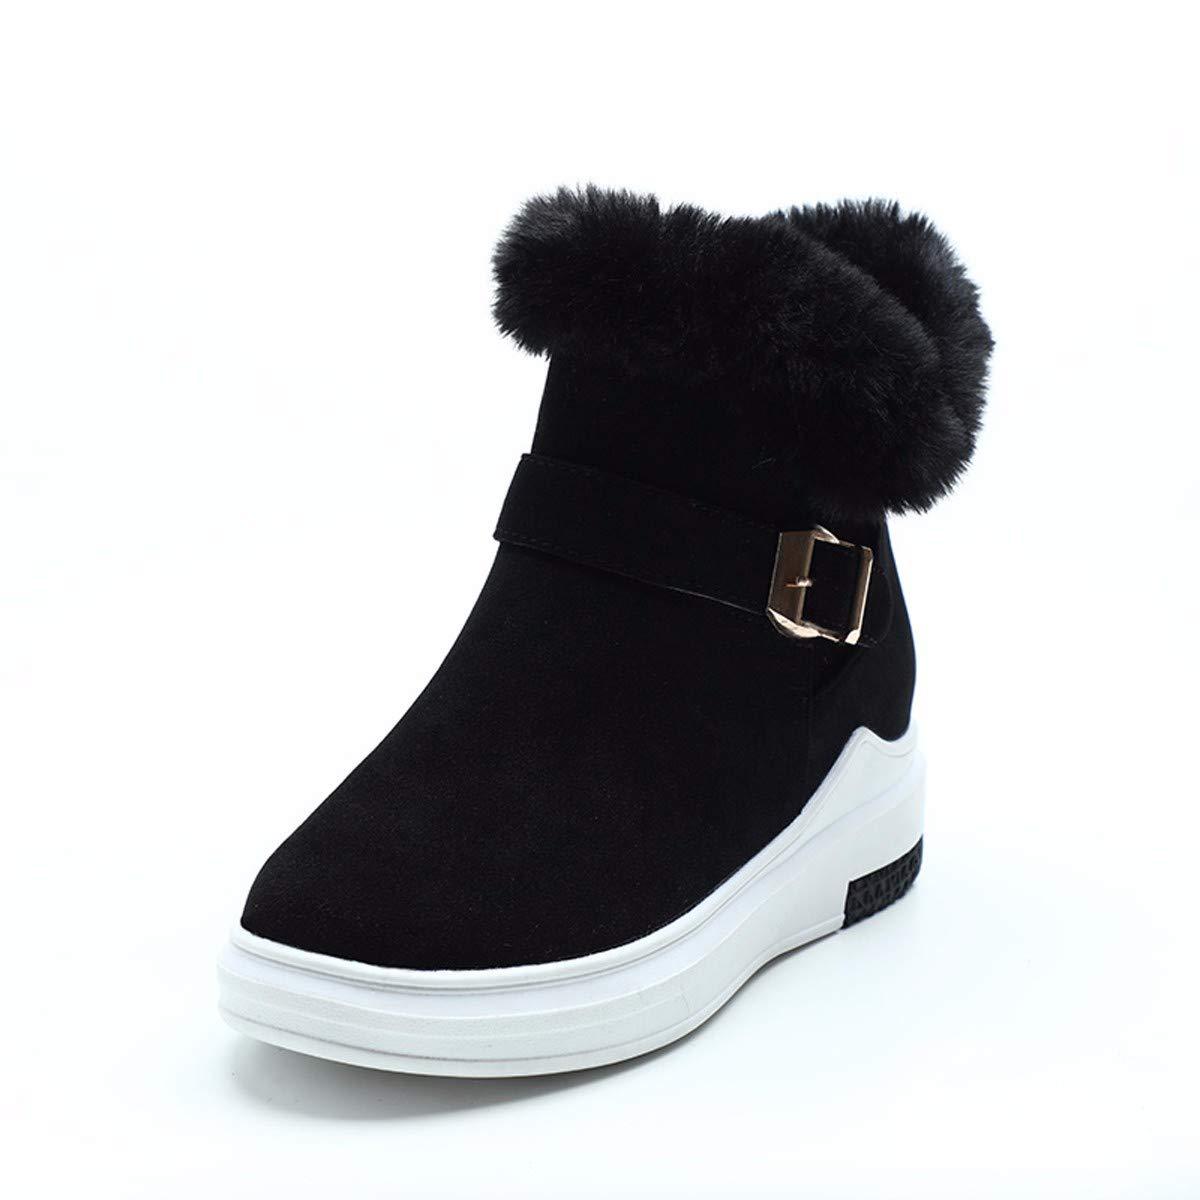 KPHY Damenschuhe Stiefeln Winter Wild Studenten Kurz Aus SAMT Dünn Dünn Gepolsterte Schuhe Stiefel.